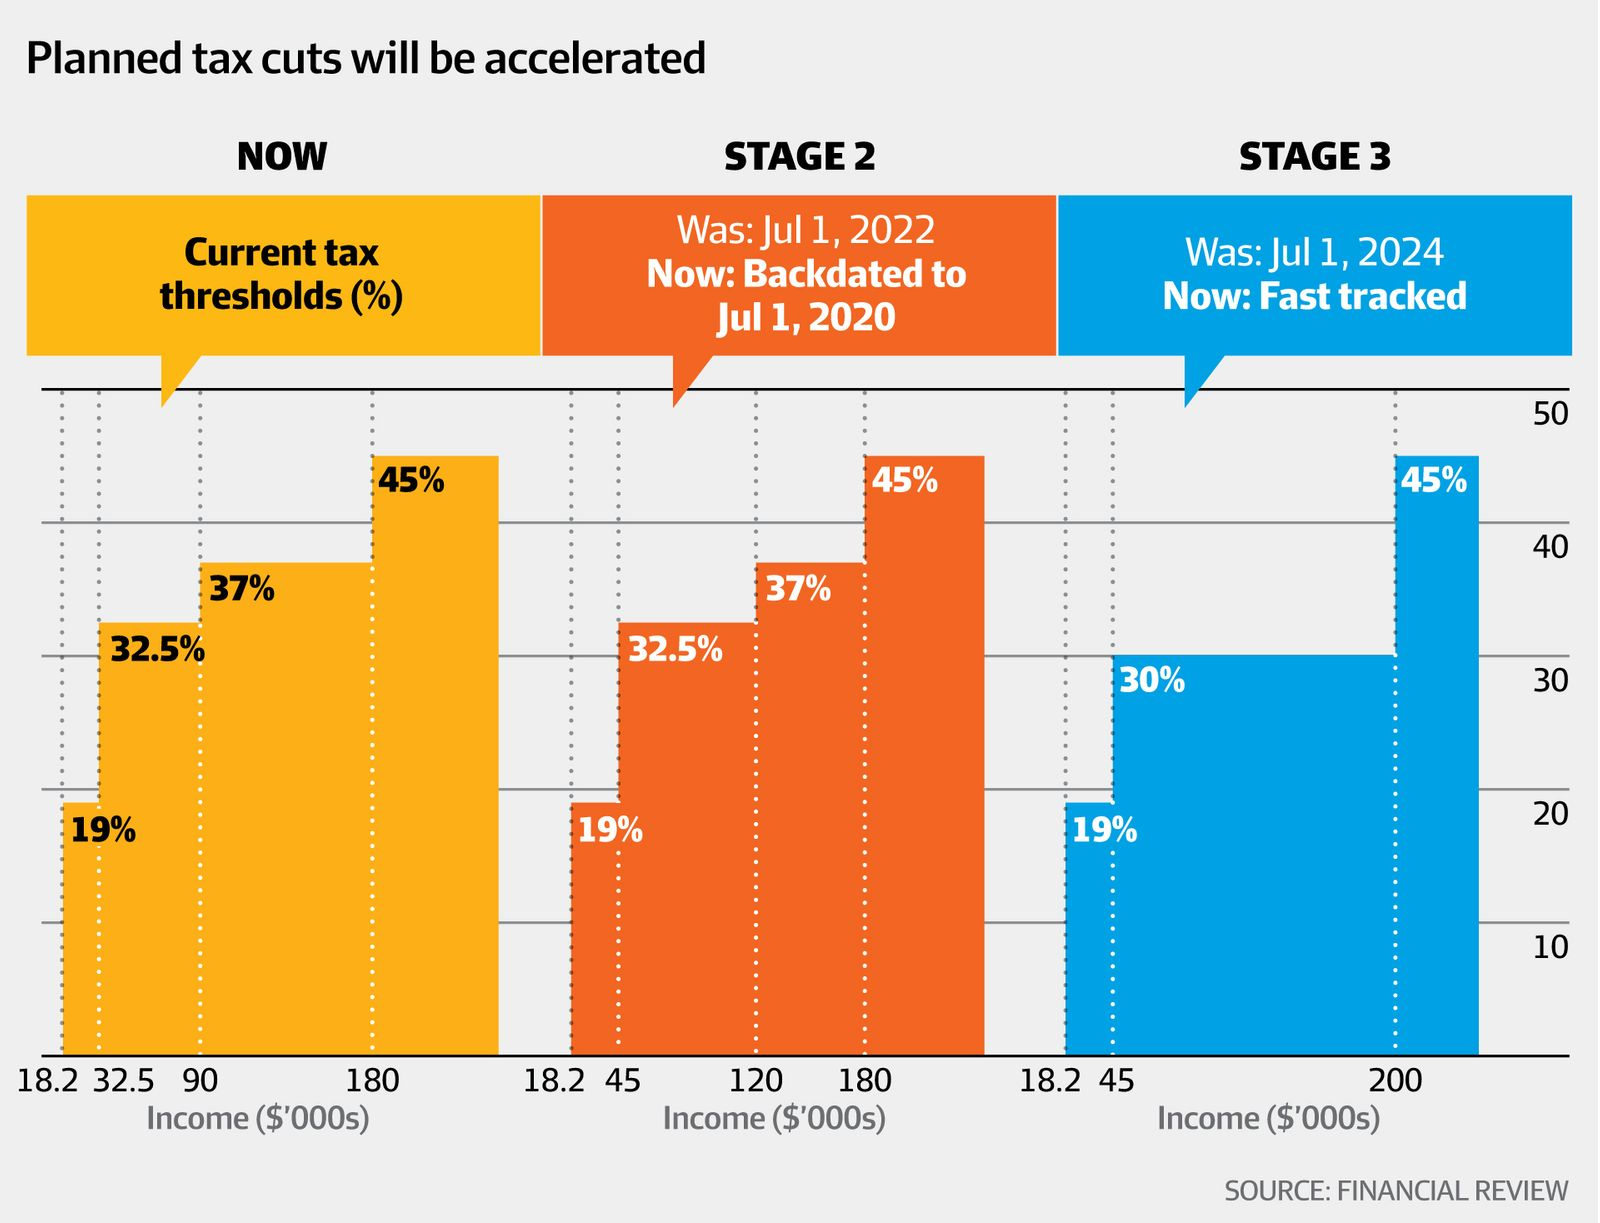 Budget 2020-21 Income Tax Cuts